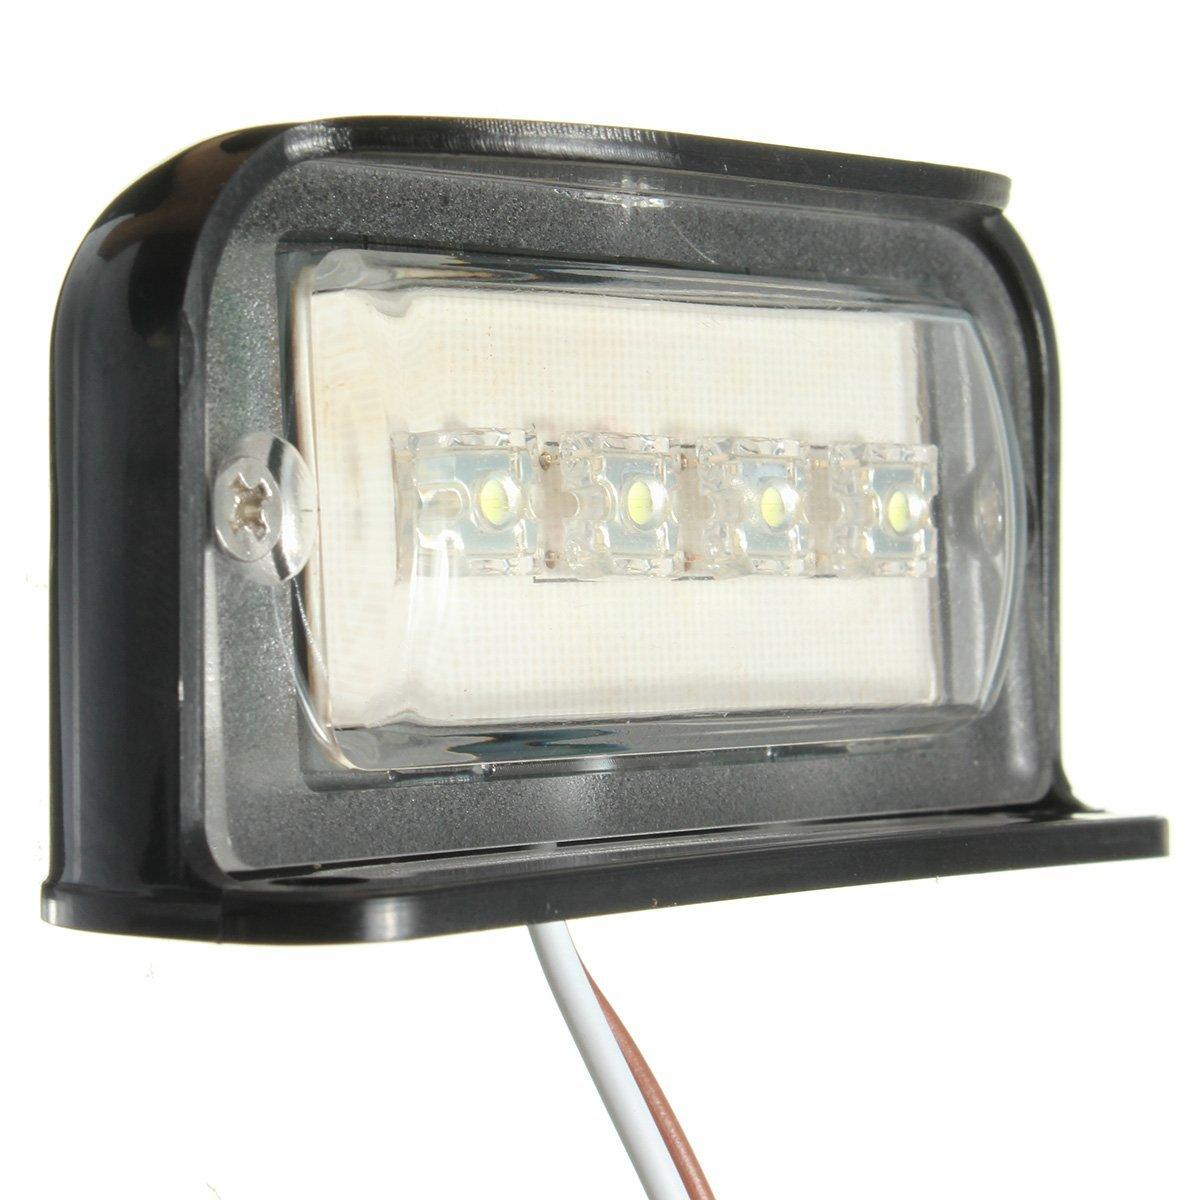 SOLMORE 4 LED Kennzeichenbeleuchtung Nummernschildbeleuchtung ...